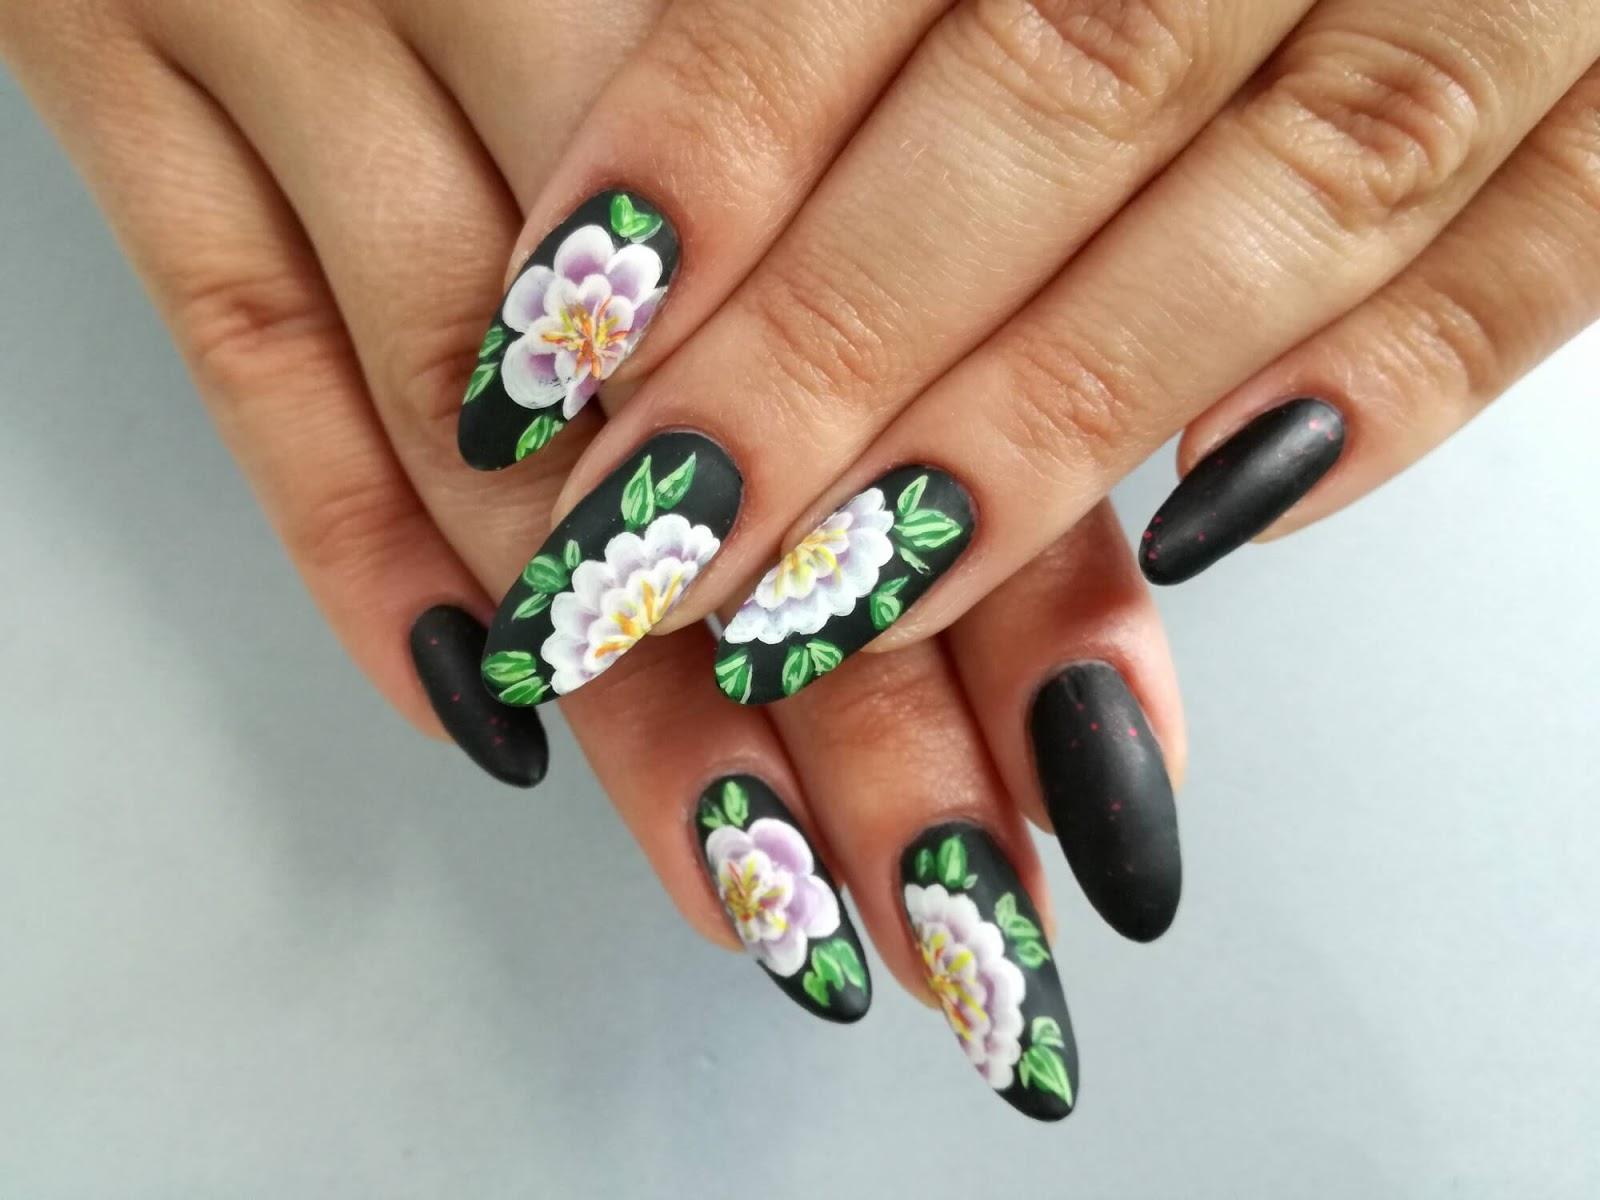 paznokcie w kwiaty